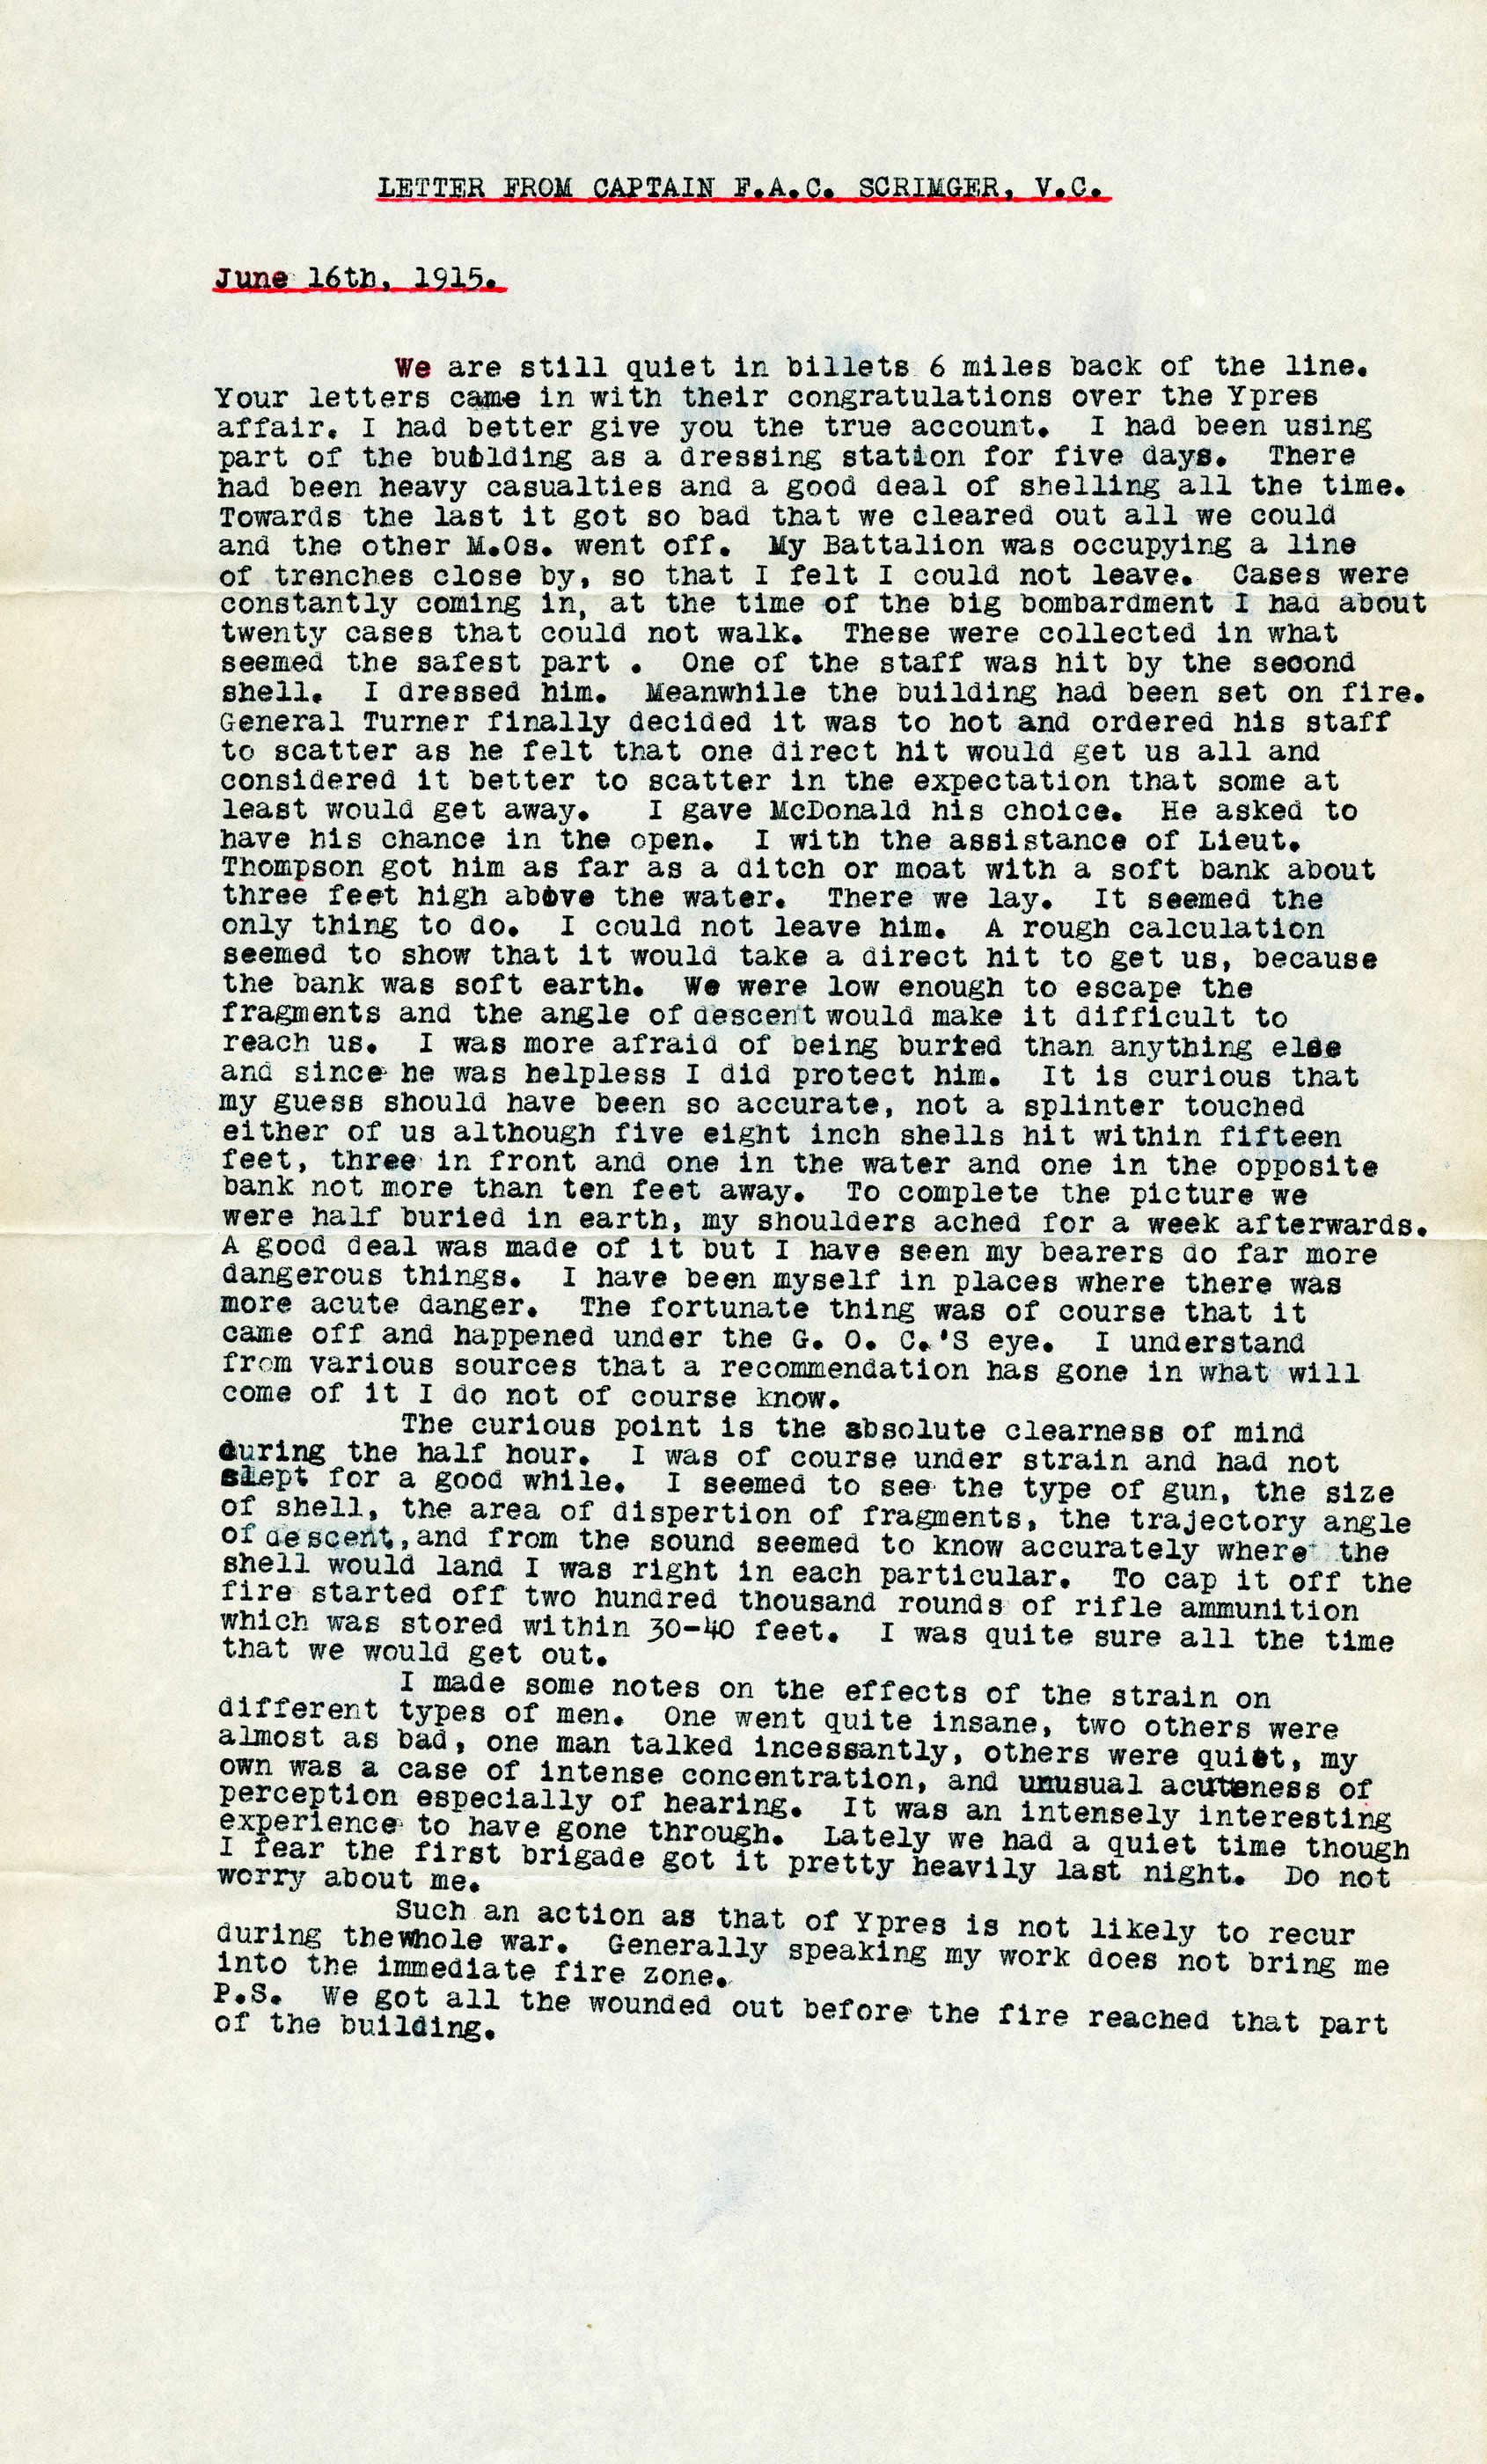 Letter from Captain F.A.C. Scrimger, V.C.